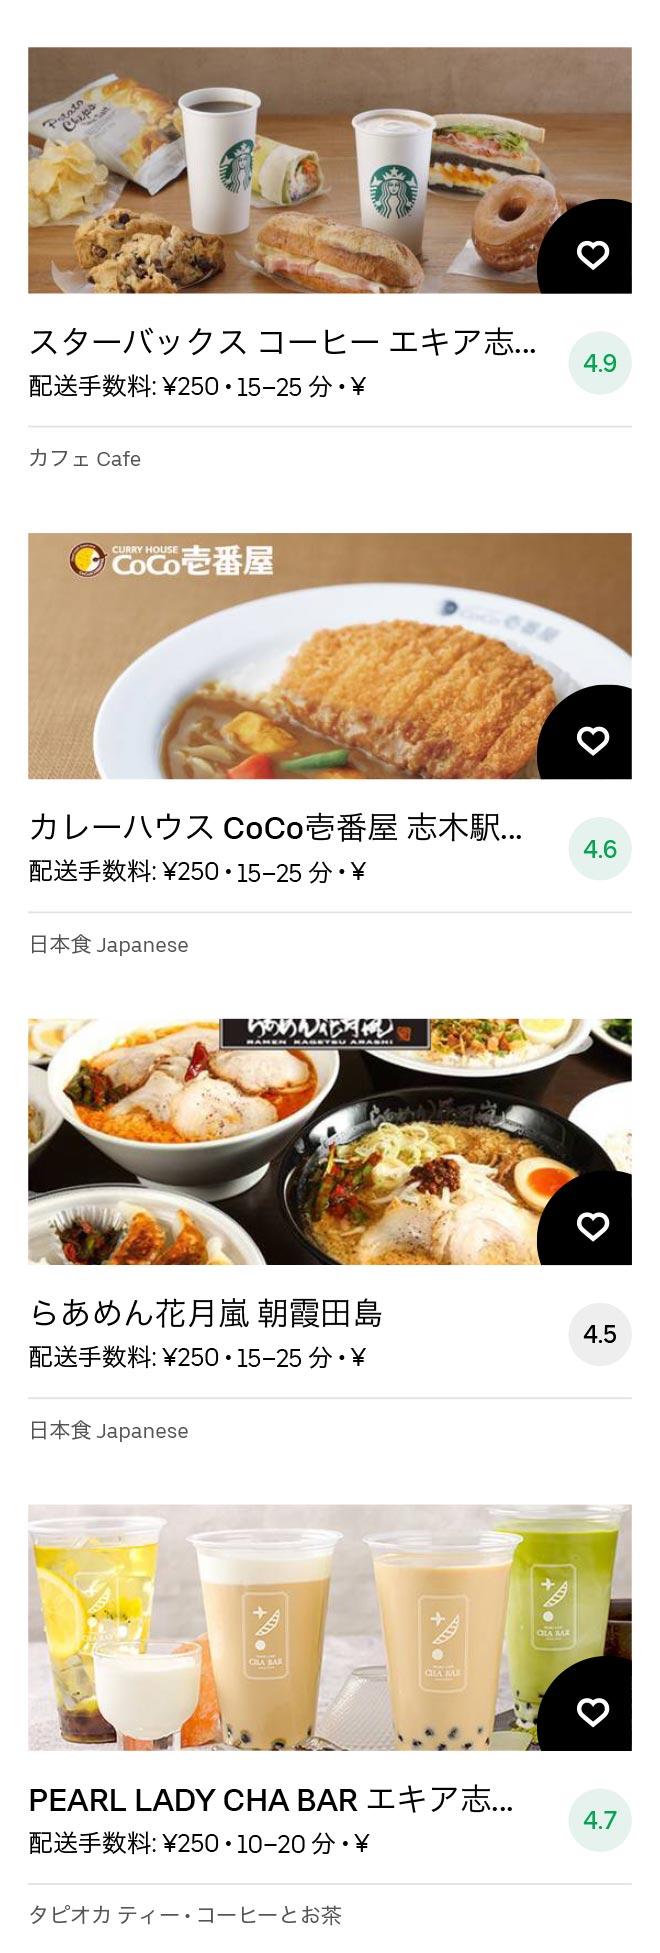 Asakadai menu 2011 05